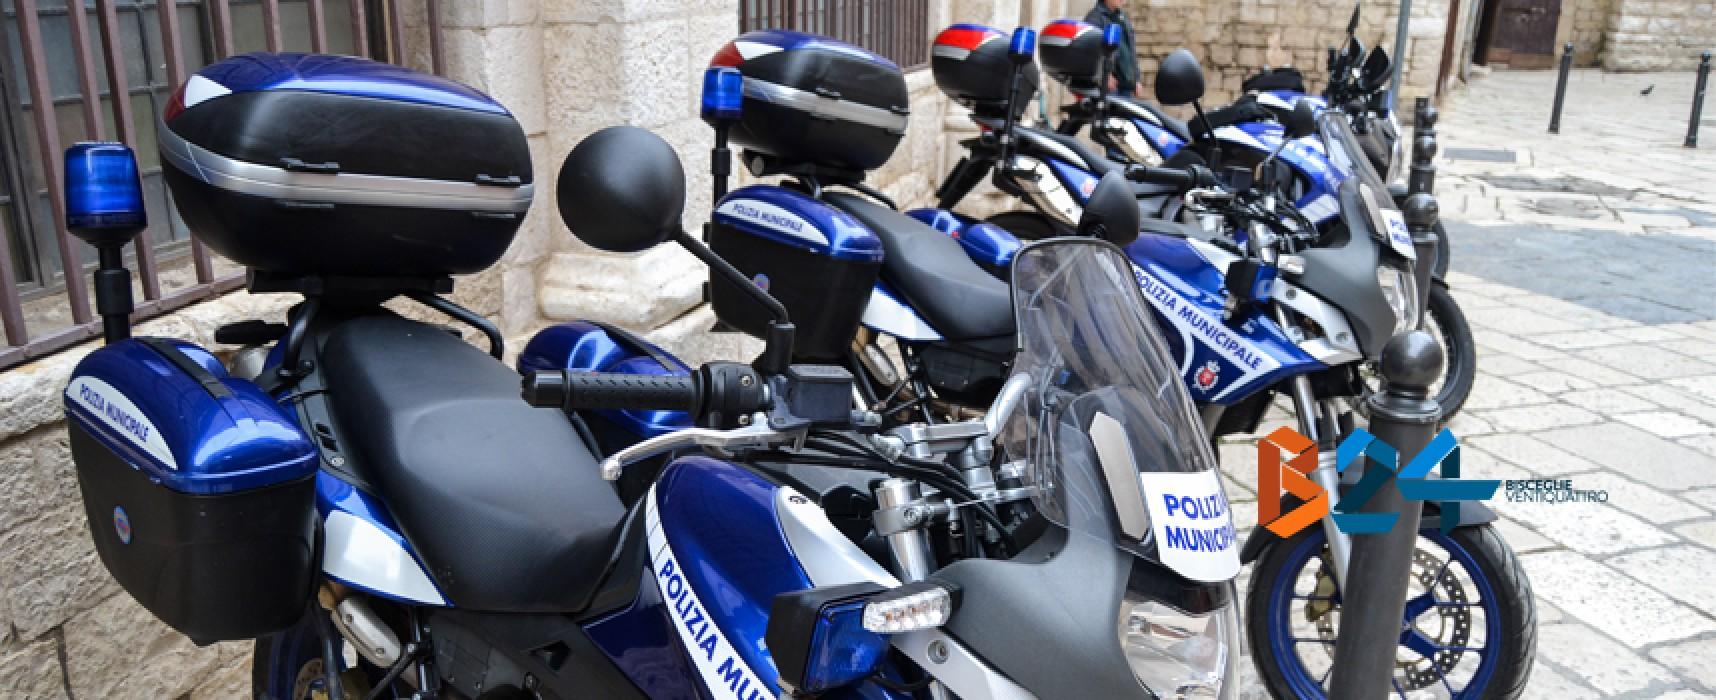 Ruba il portafogli ad una signora: algerino arrestato da polizia municipale e carabinieri